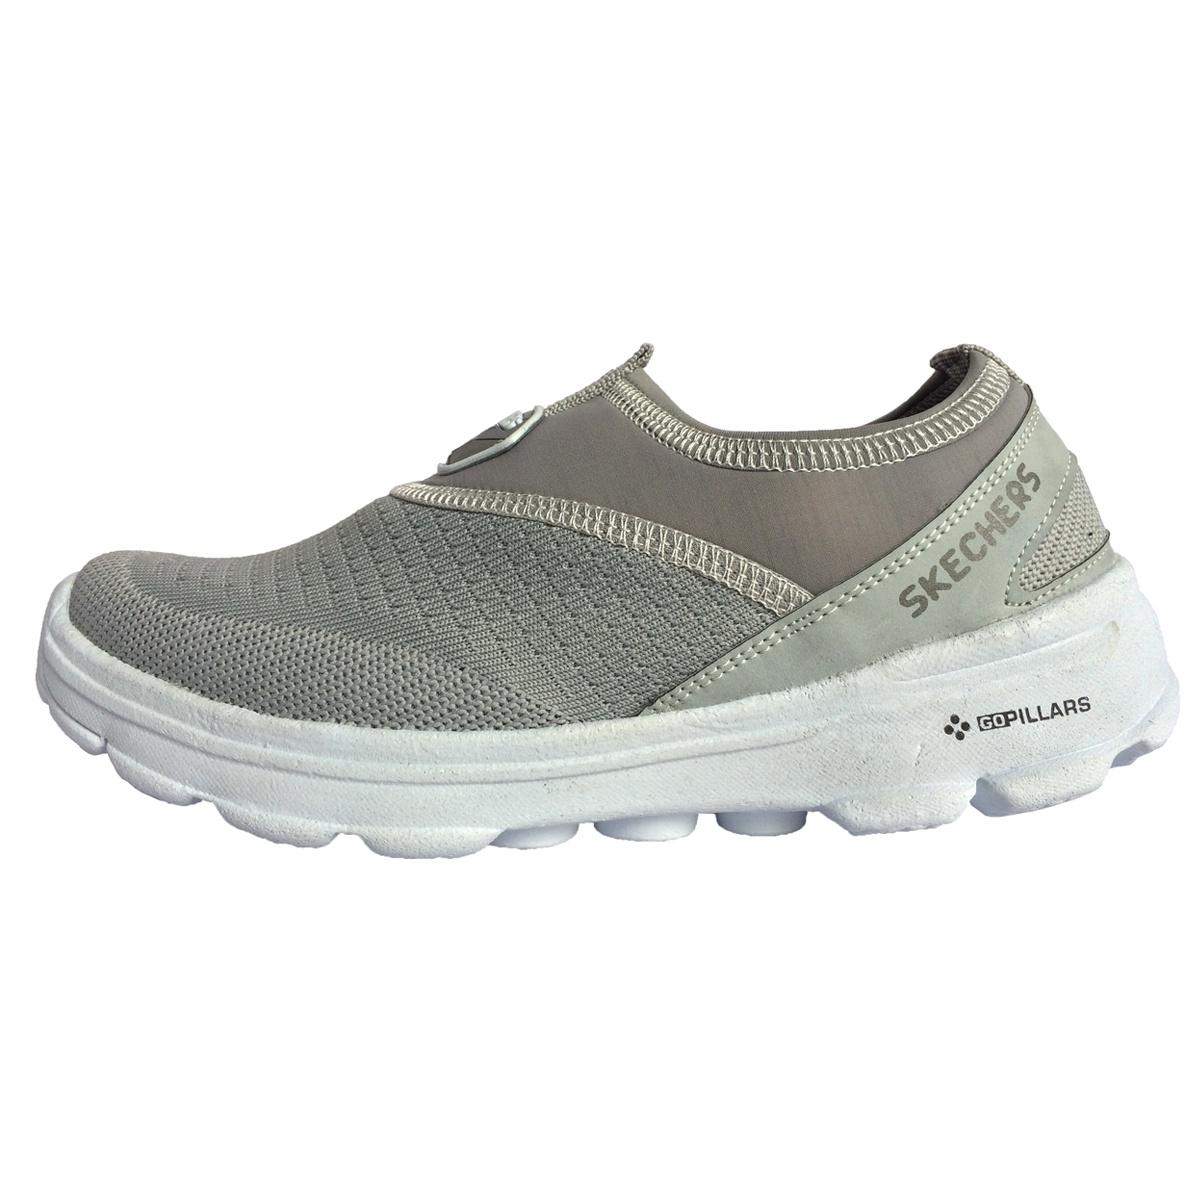 کفش مخصوص پیاده روی زنانه مدل parsian  رنگ طوسی روشن